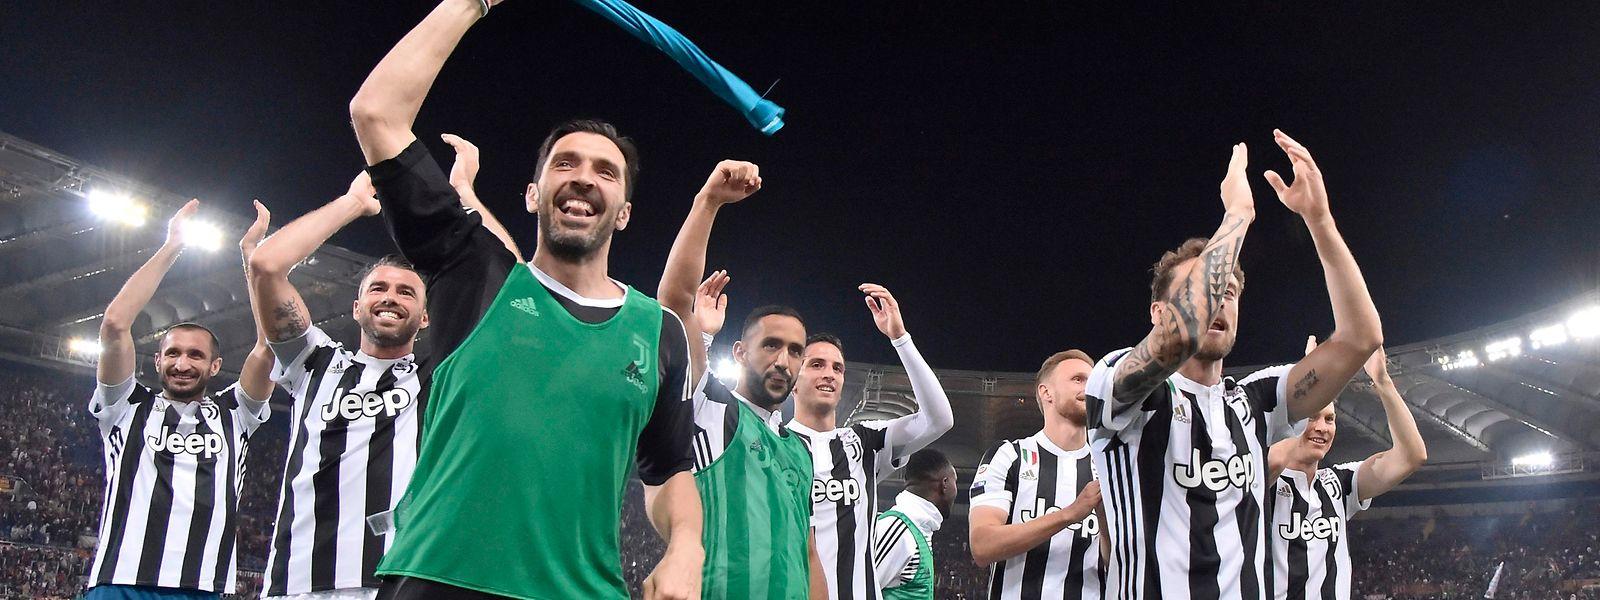 Torwart Gianluigi Buffon macht am Samstag sein letztes Spiel für Juventus Turin.